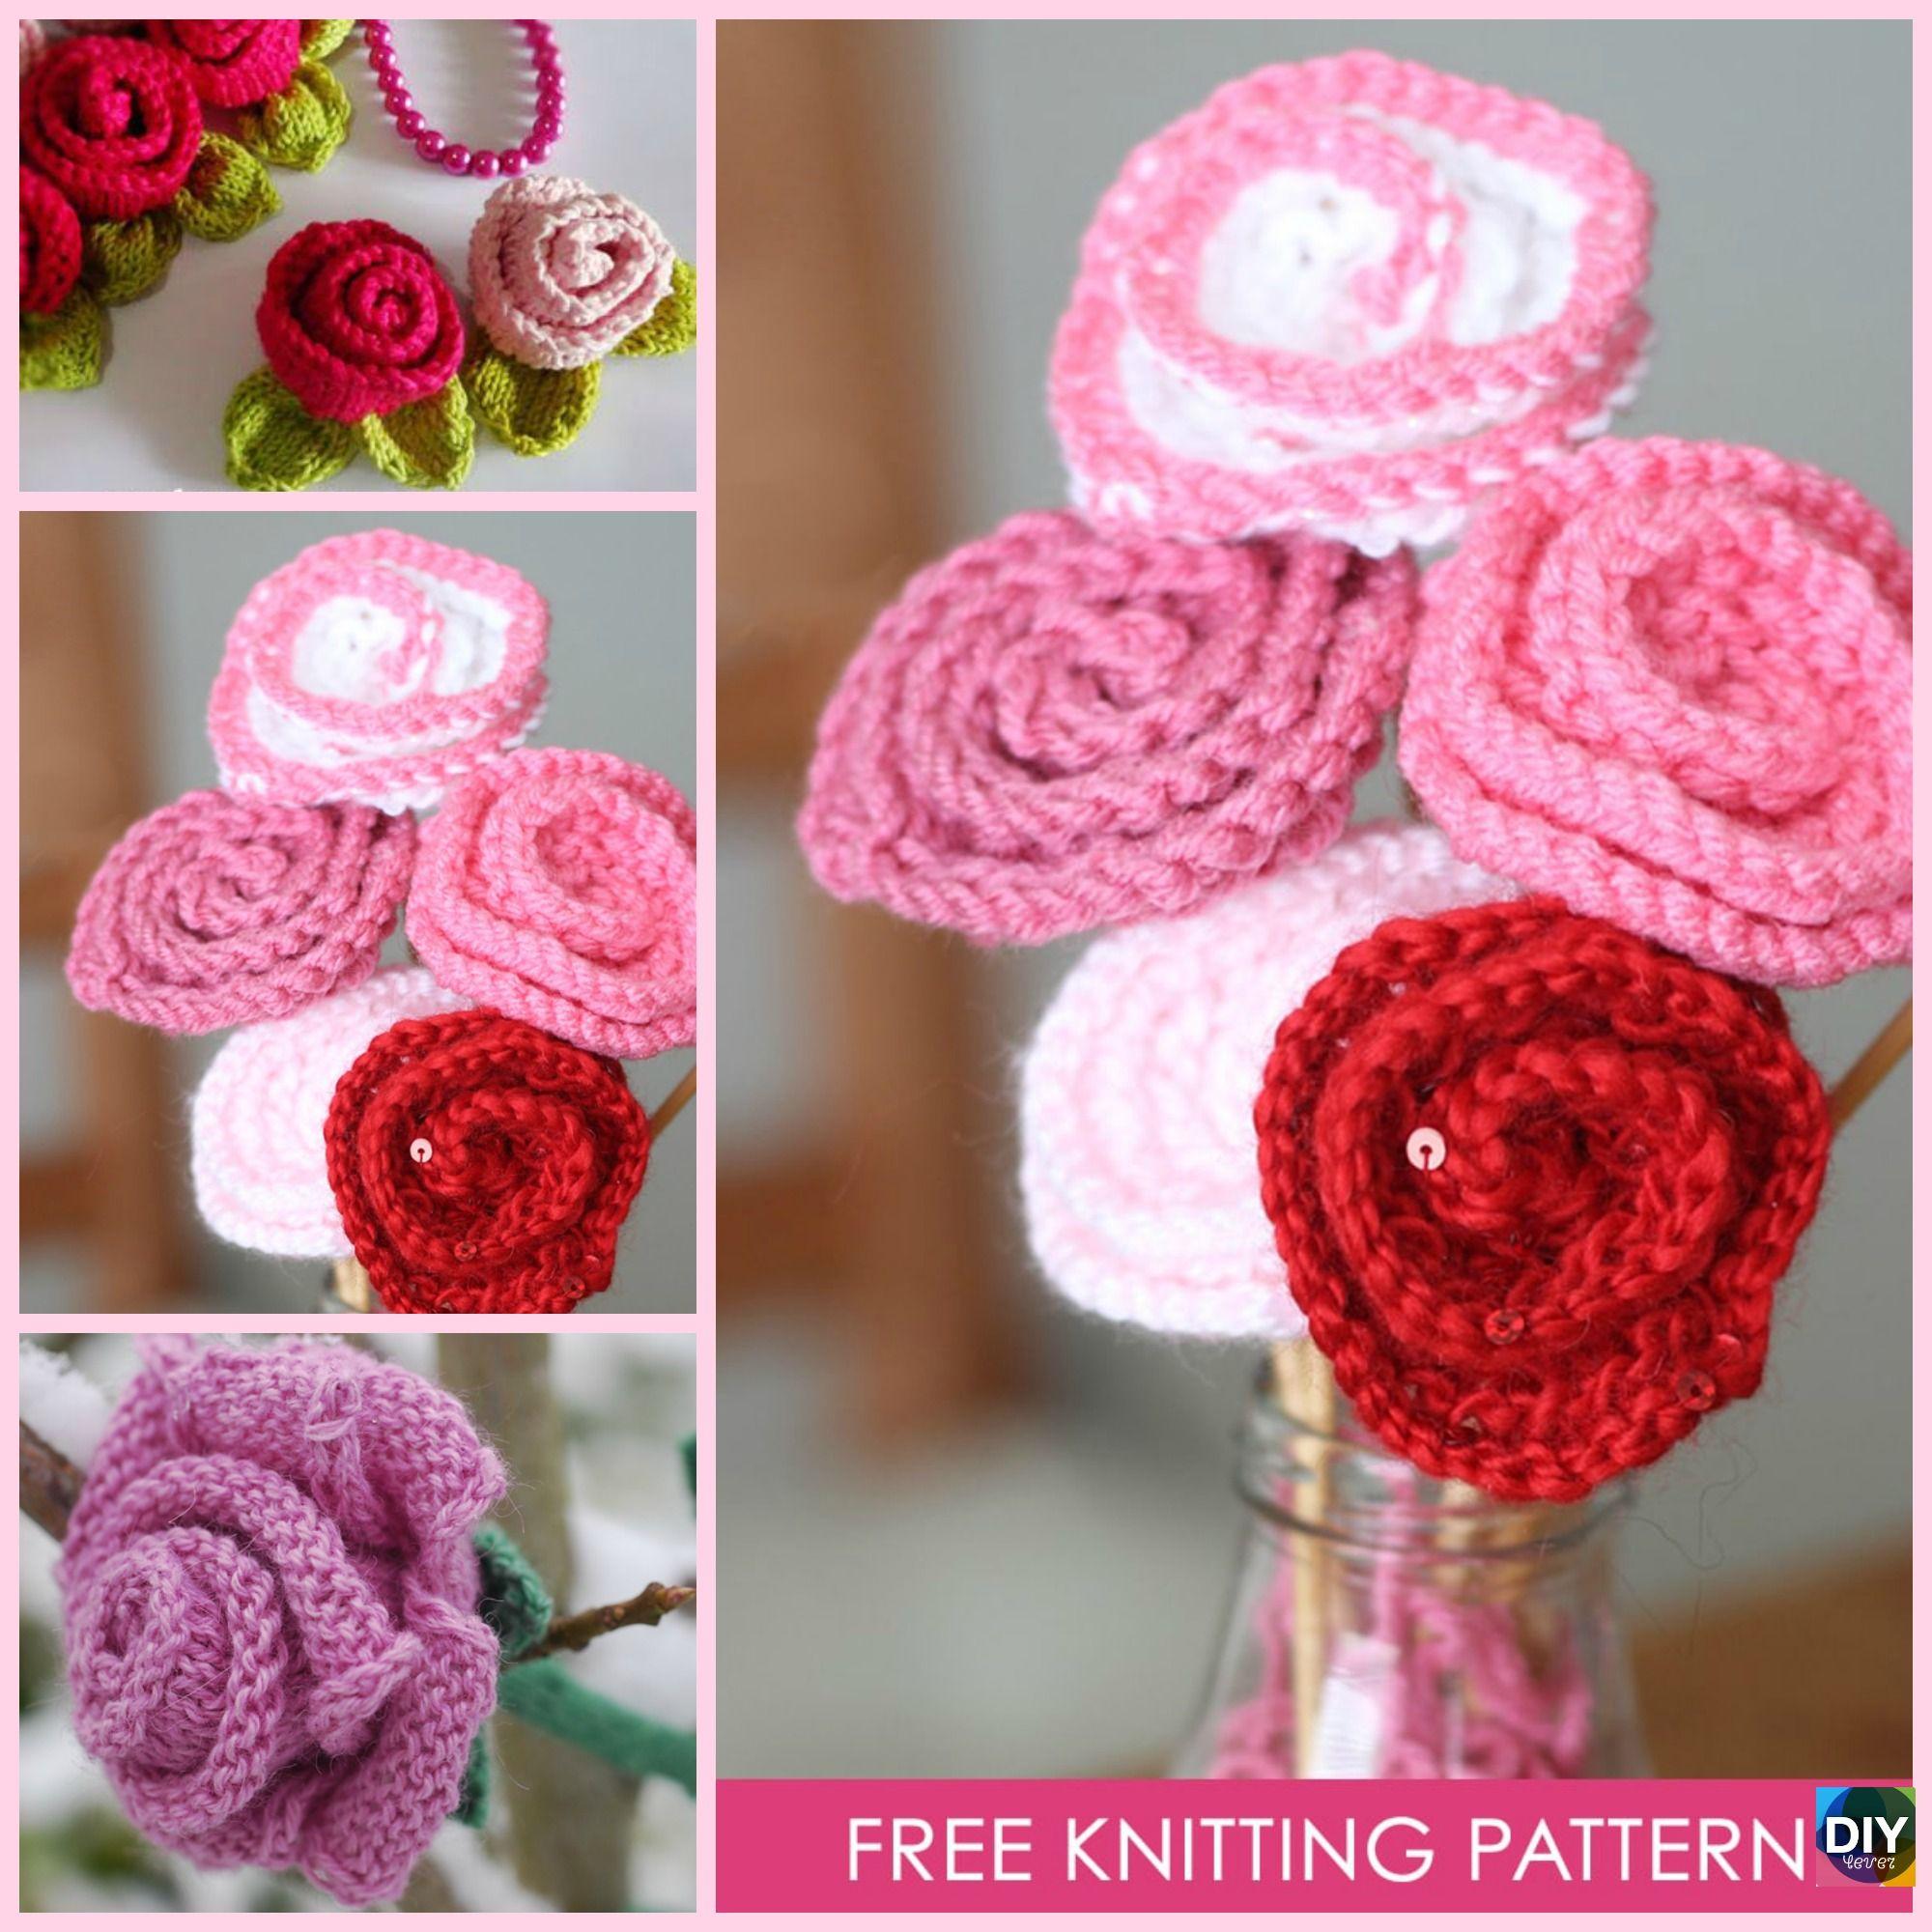 Knit Little Rose Flower For Beginner Free Patterns Crochet Diagram Flowers 4 Freeknittingpattern Roseflower